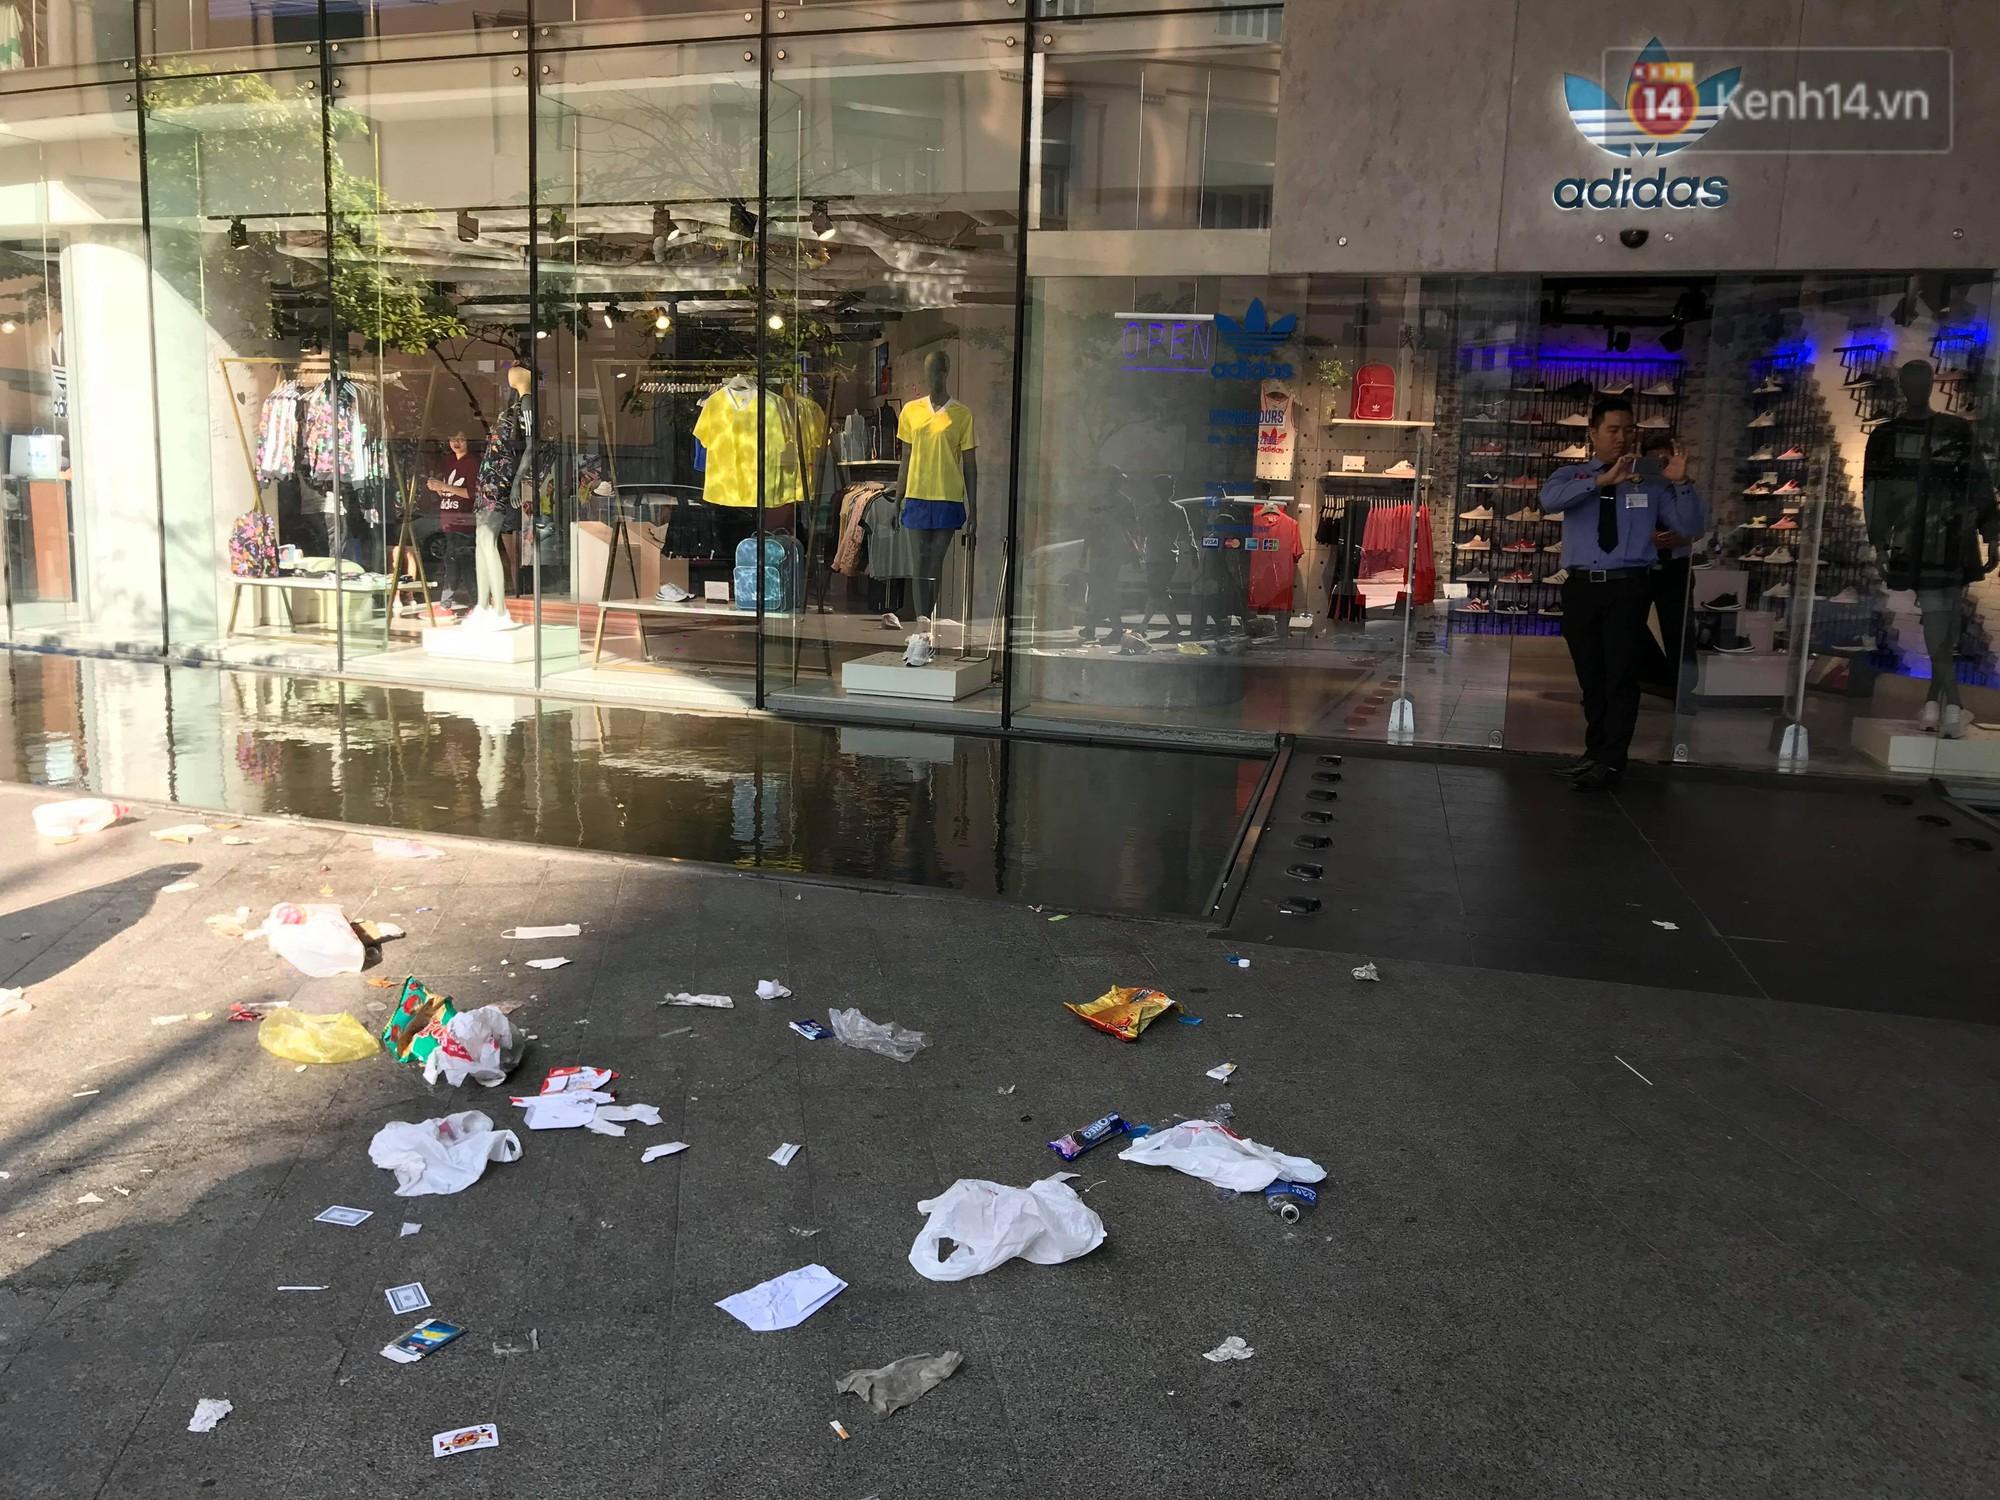 Sau khi cắm cọc qua đêm tại Bitexco để mua giày hiệu, dân tình hồn nhiên vứt đầy rác trước cửa hàng - Ảnh 4.